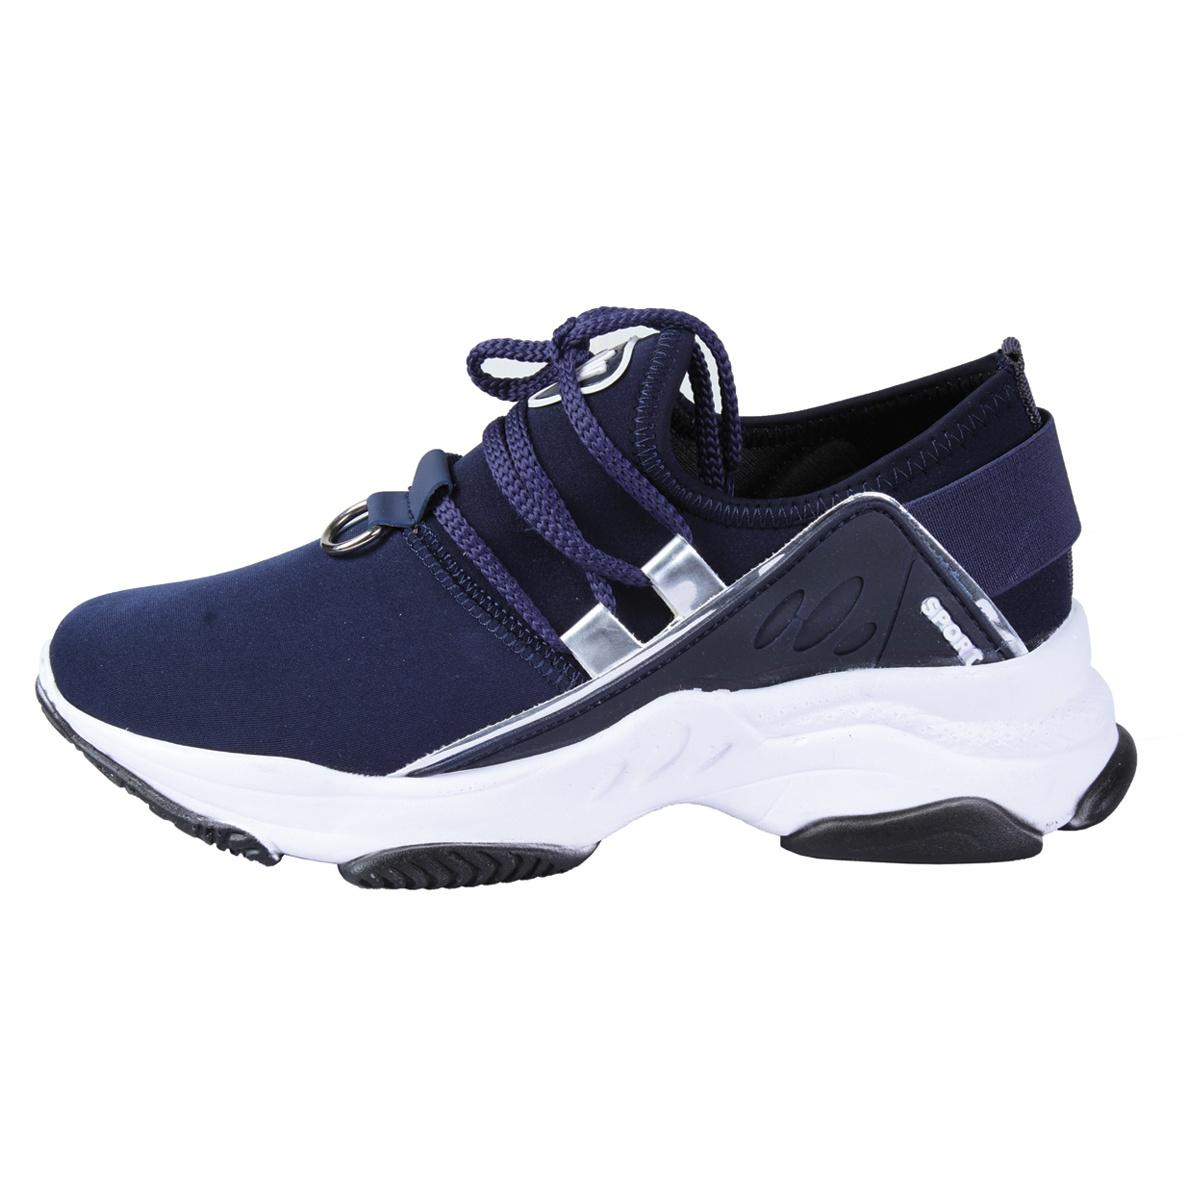 کفش ورزشی زنانه مدل Eligam-01